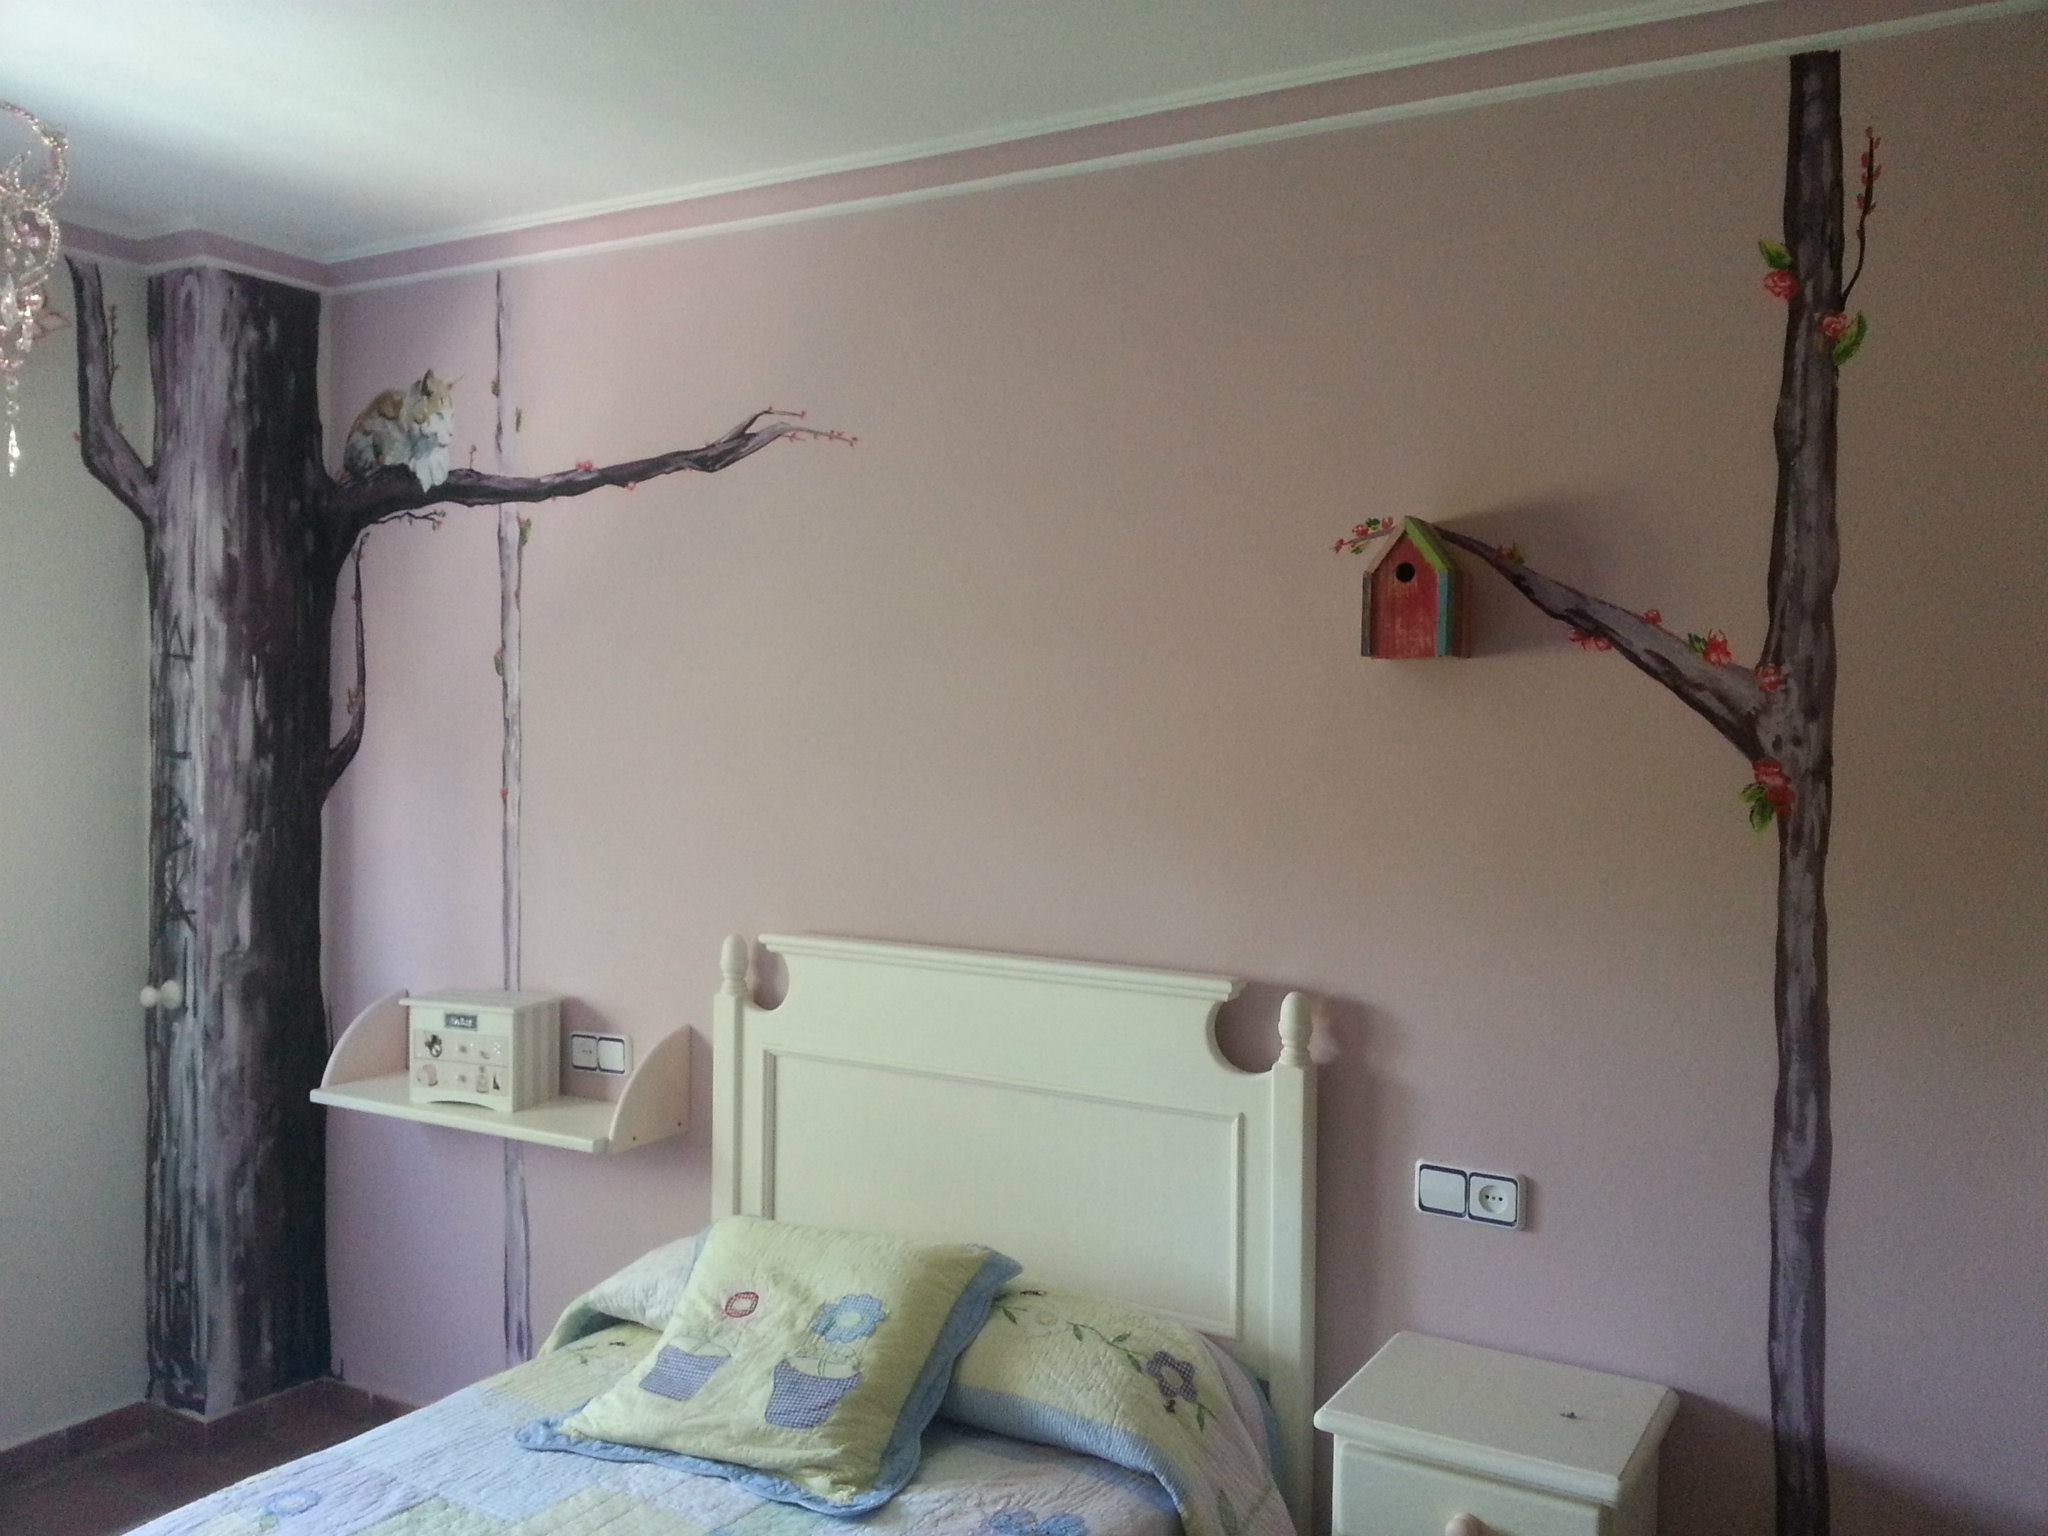 Decoración arboles para habitación infantil de chica.